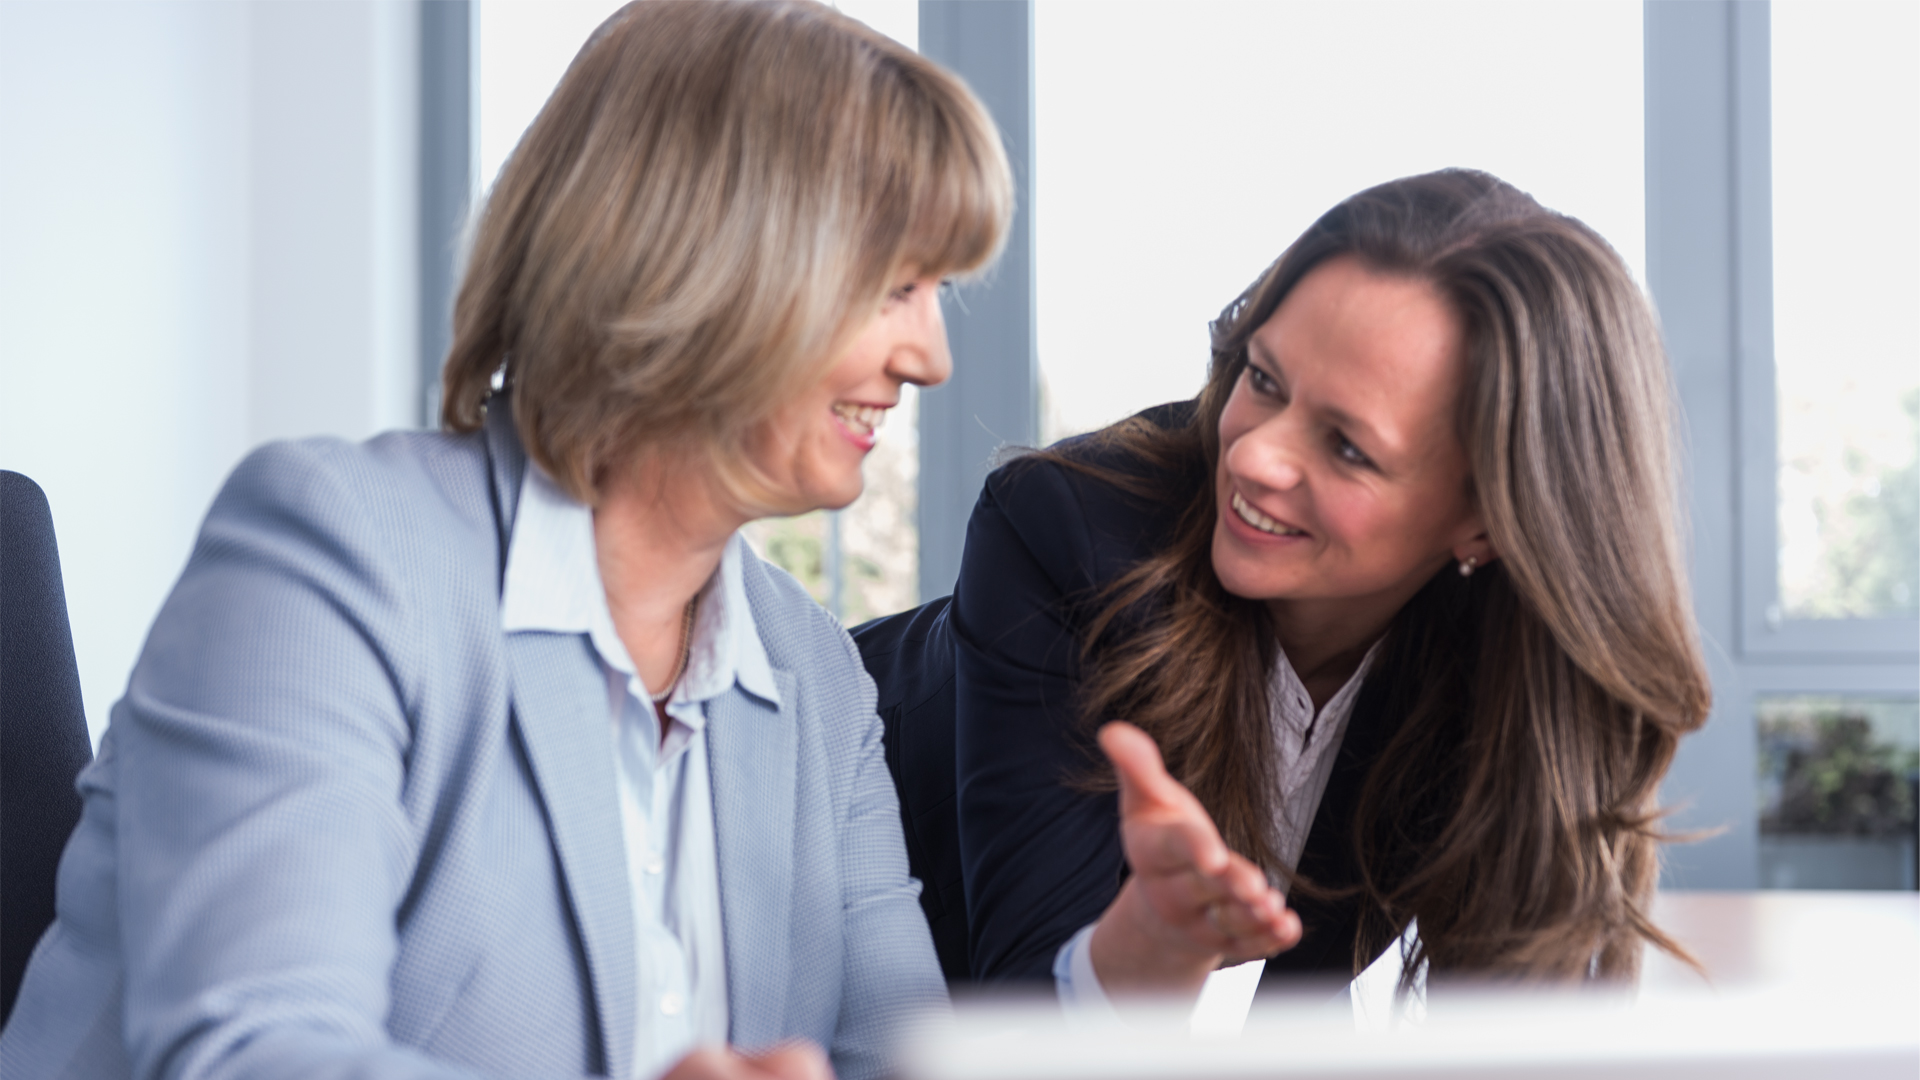 Im Büro: Zwei Frauen in einer Gesprächssituation. Im Vordergrund sieht man den Rand eines Bildschirms.